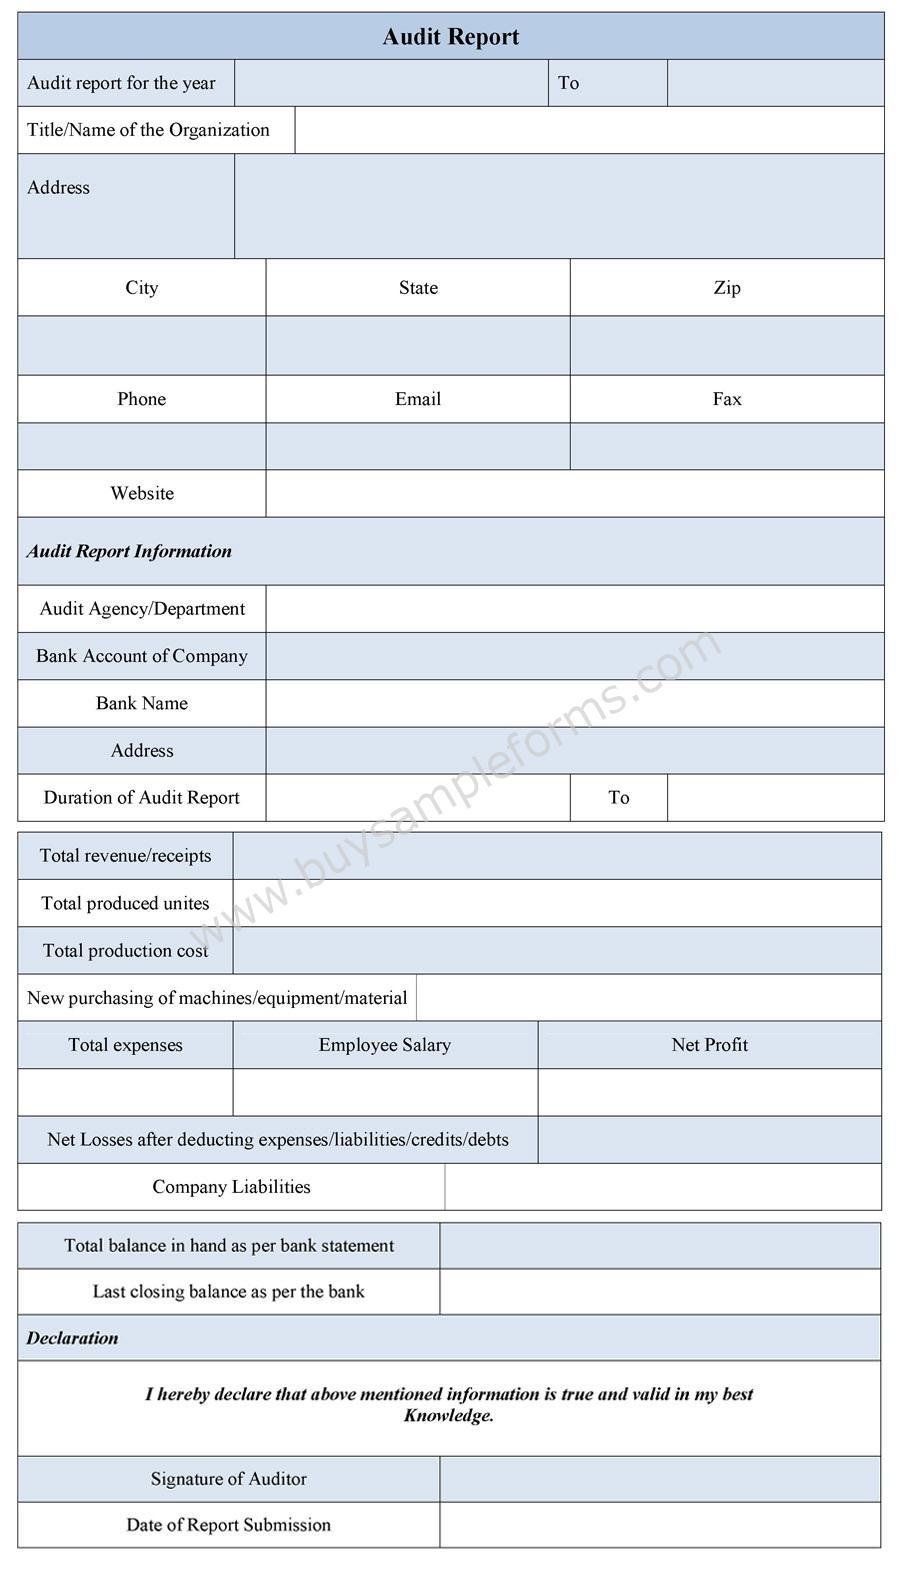 Audit Report Form sample